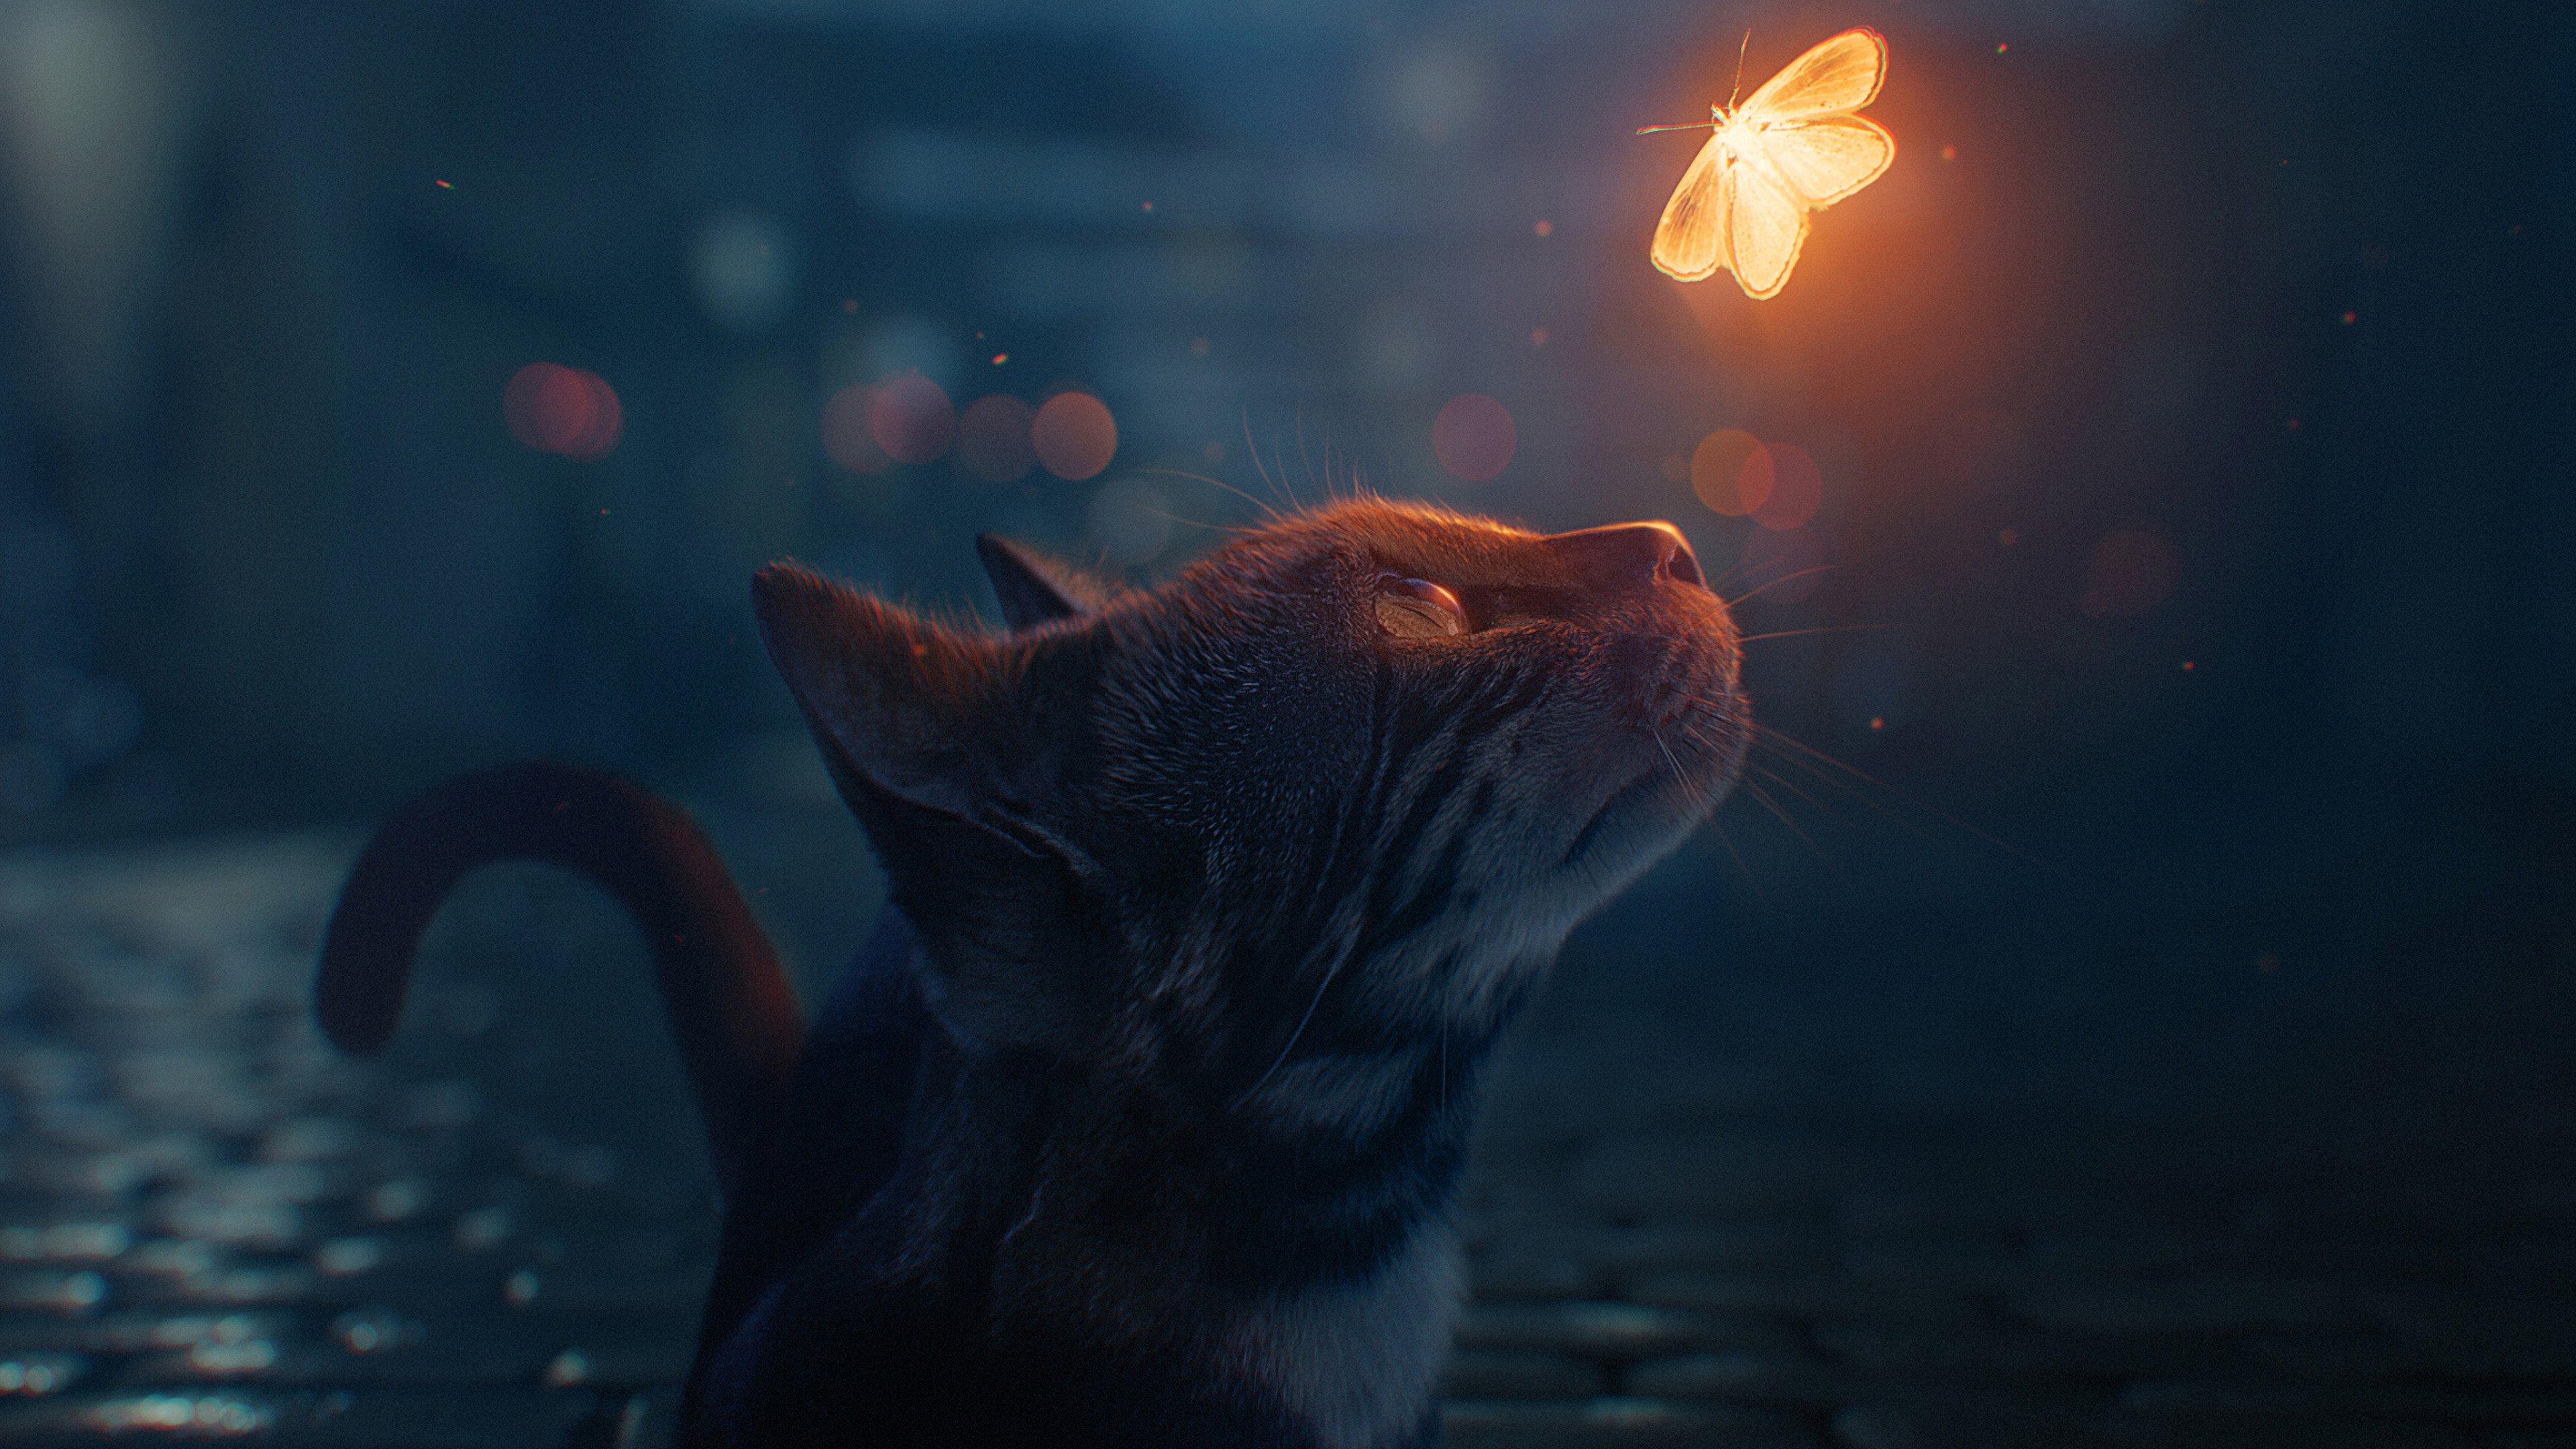 Fondos de pantalla Gato con mariposa de fantasía